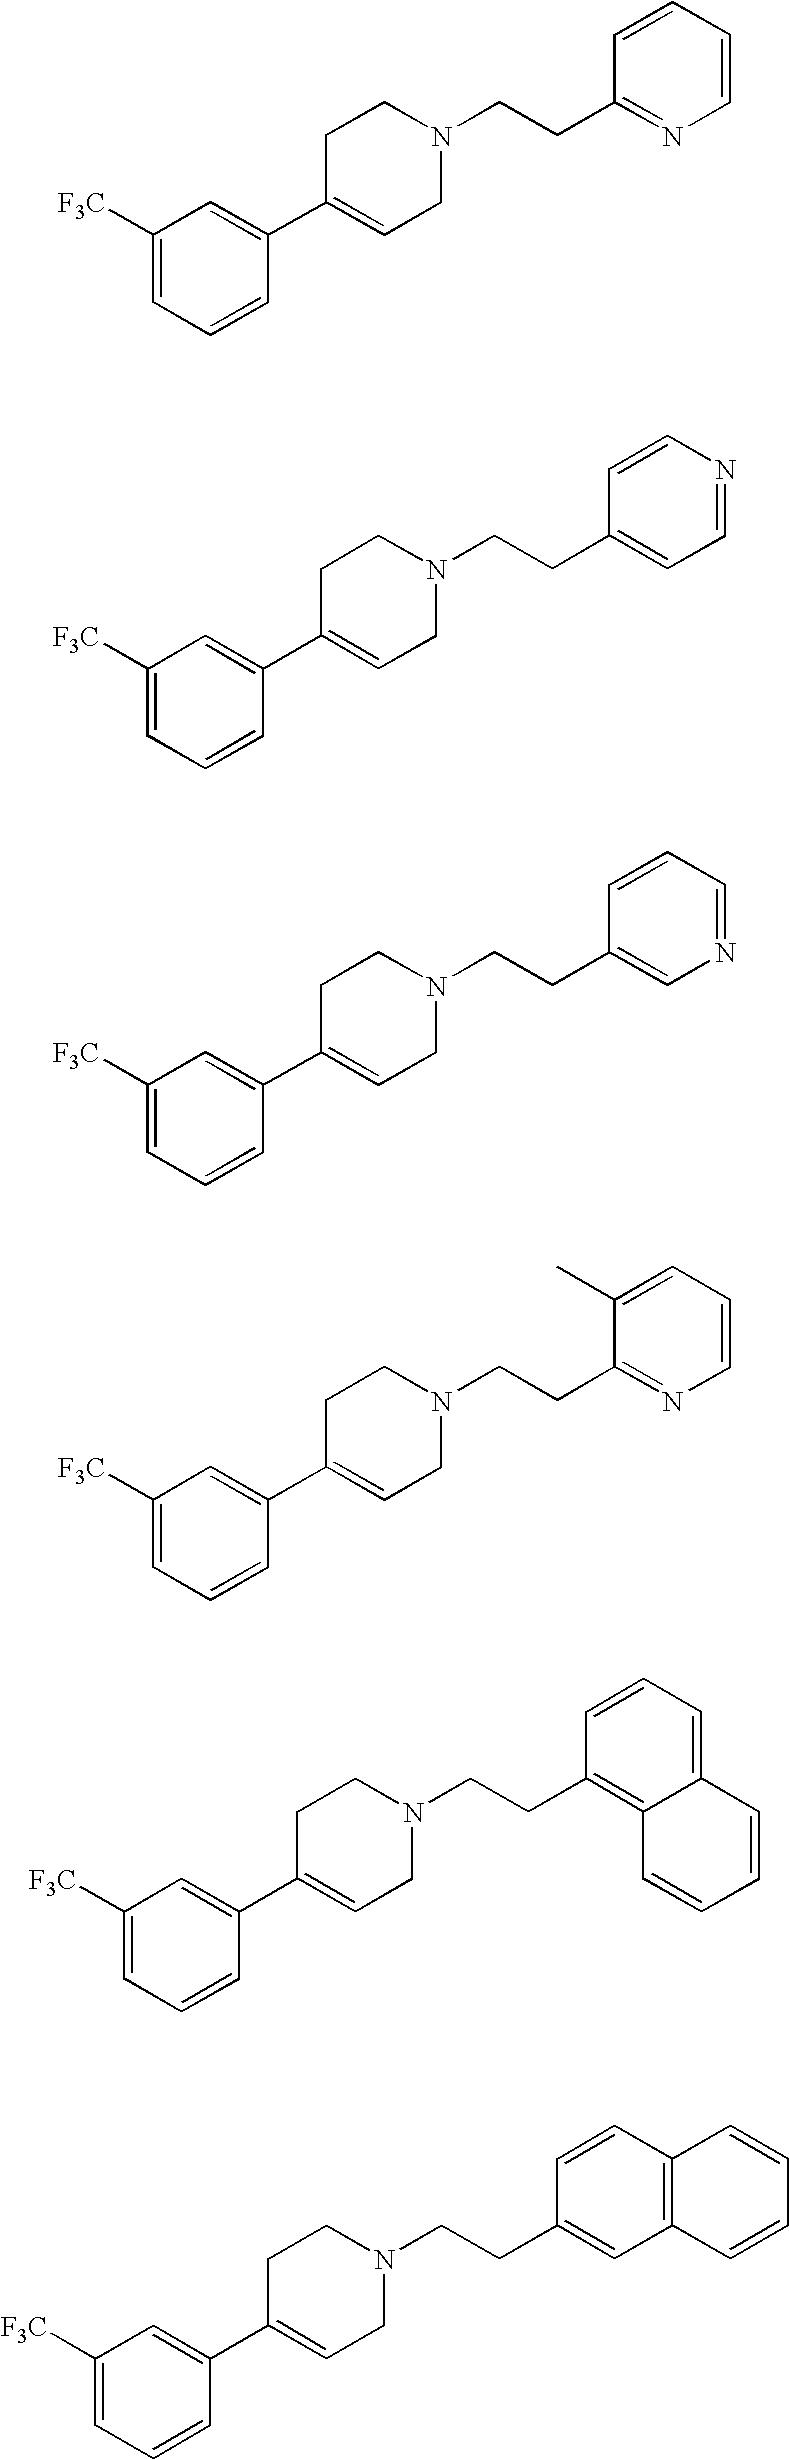 Figure US20100009983A1-20100114-C00218